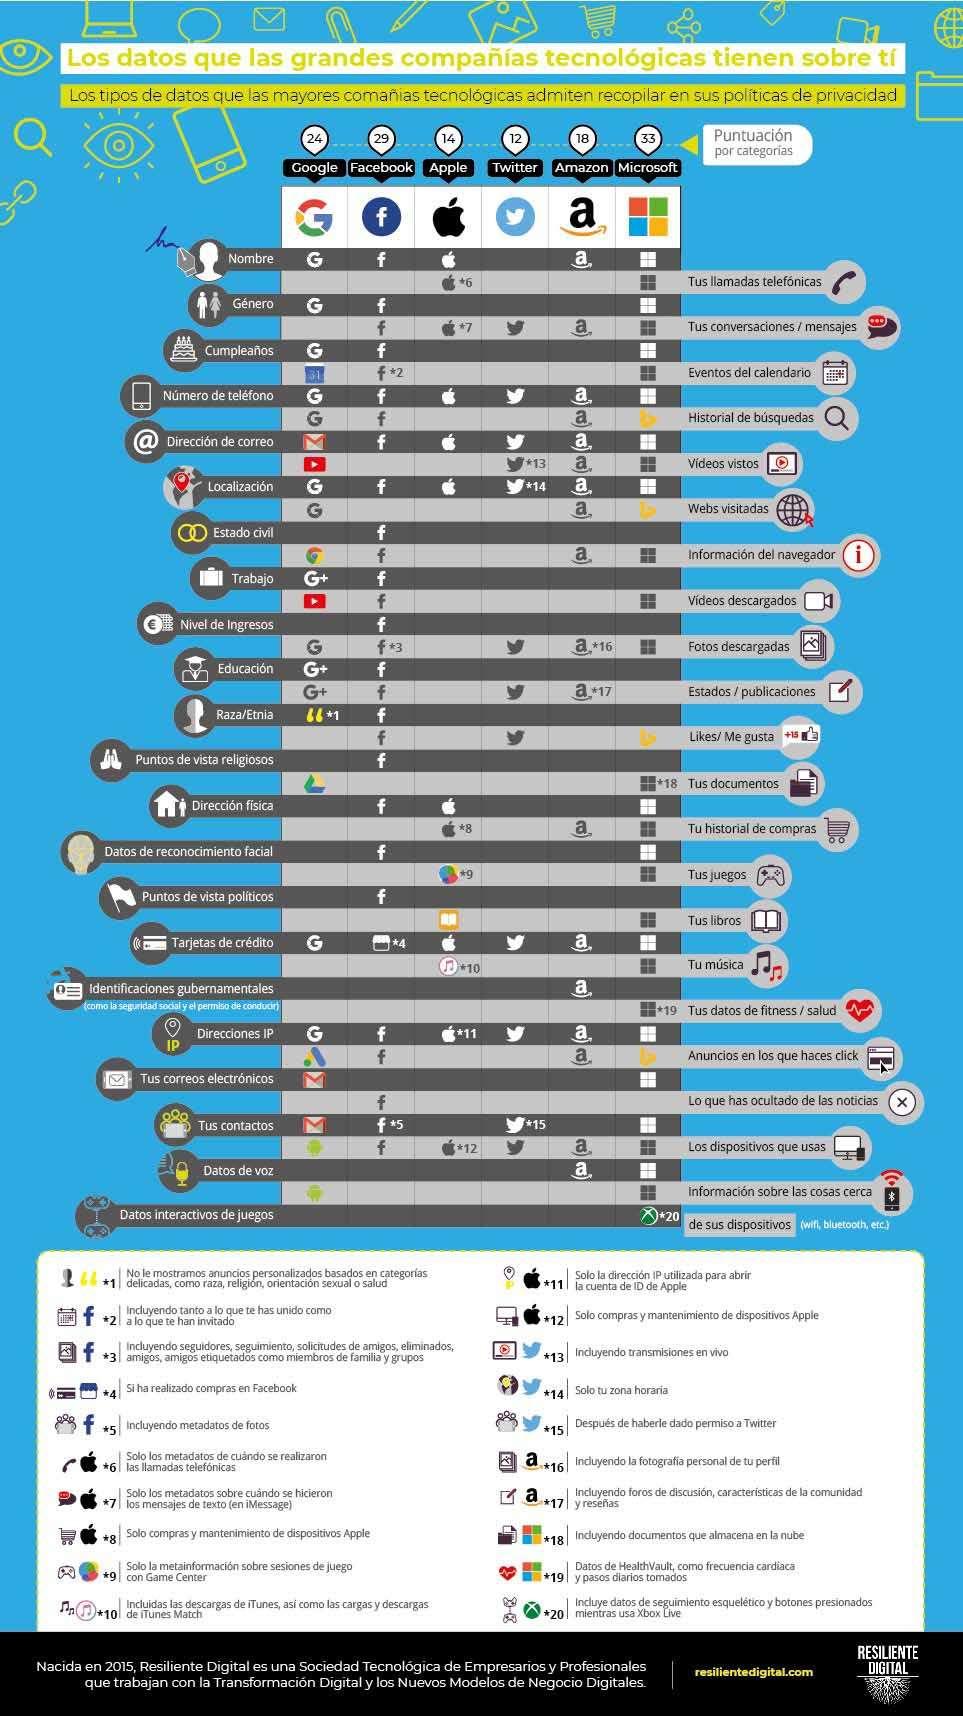 Los datos que las grandes compañías tecnológicas tienen sobre ti